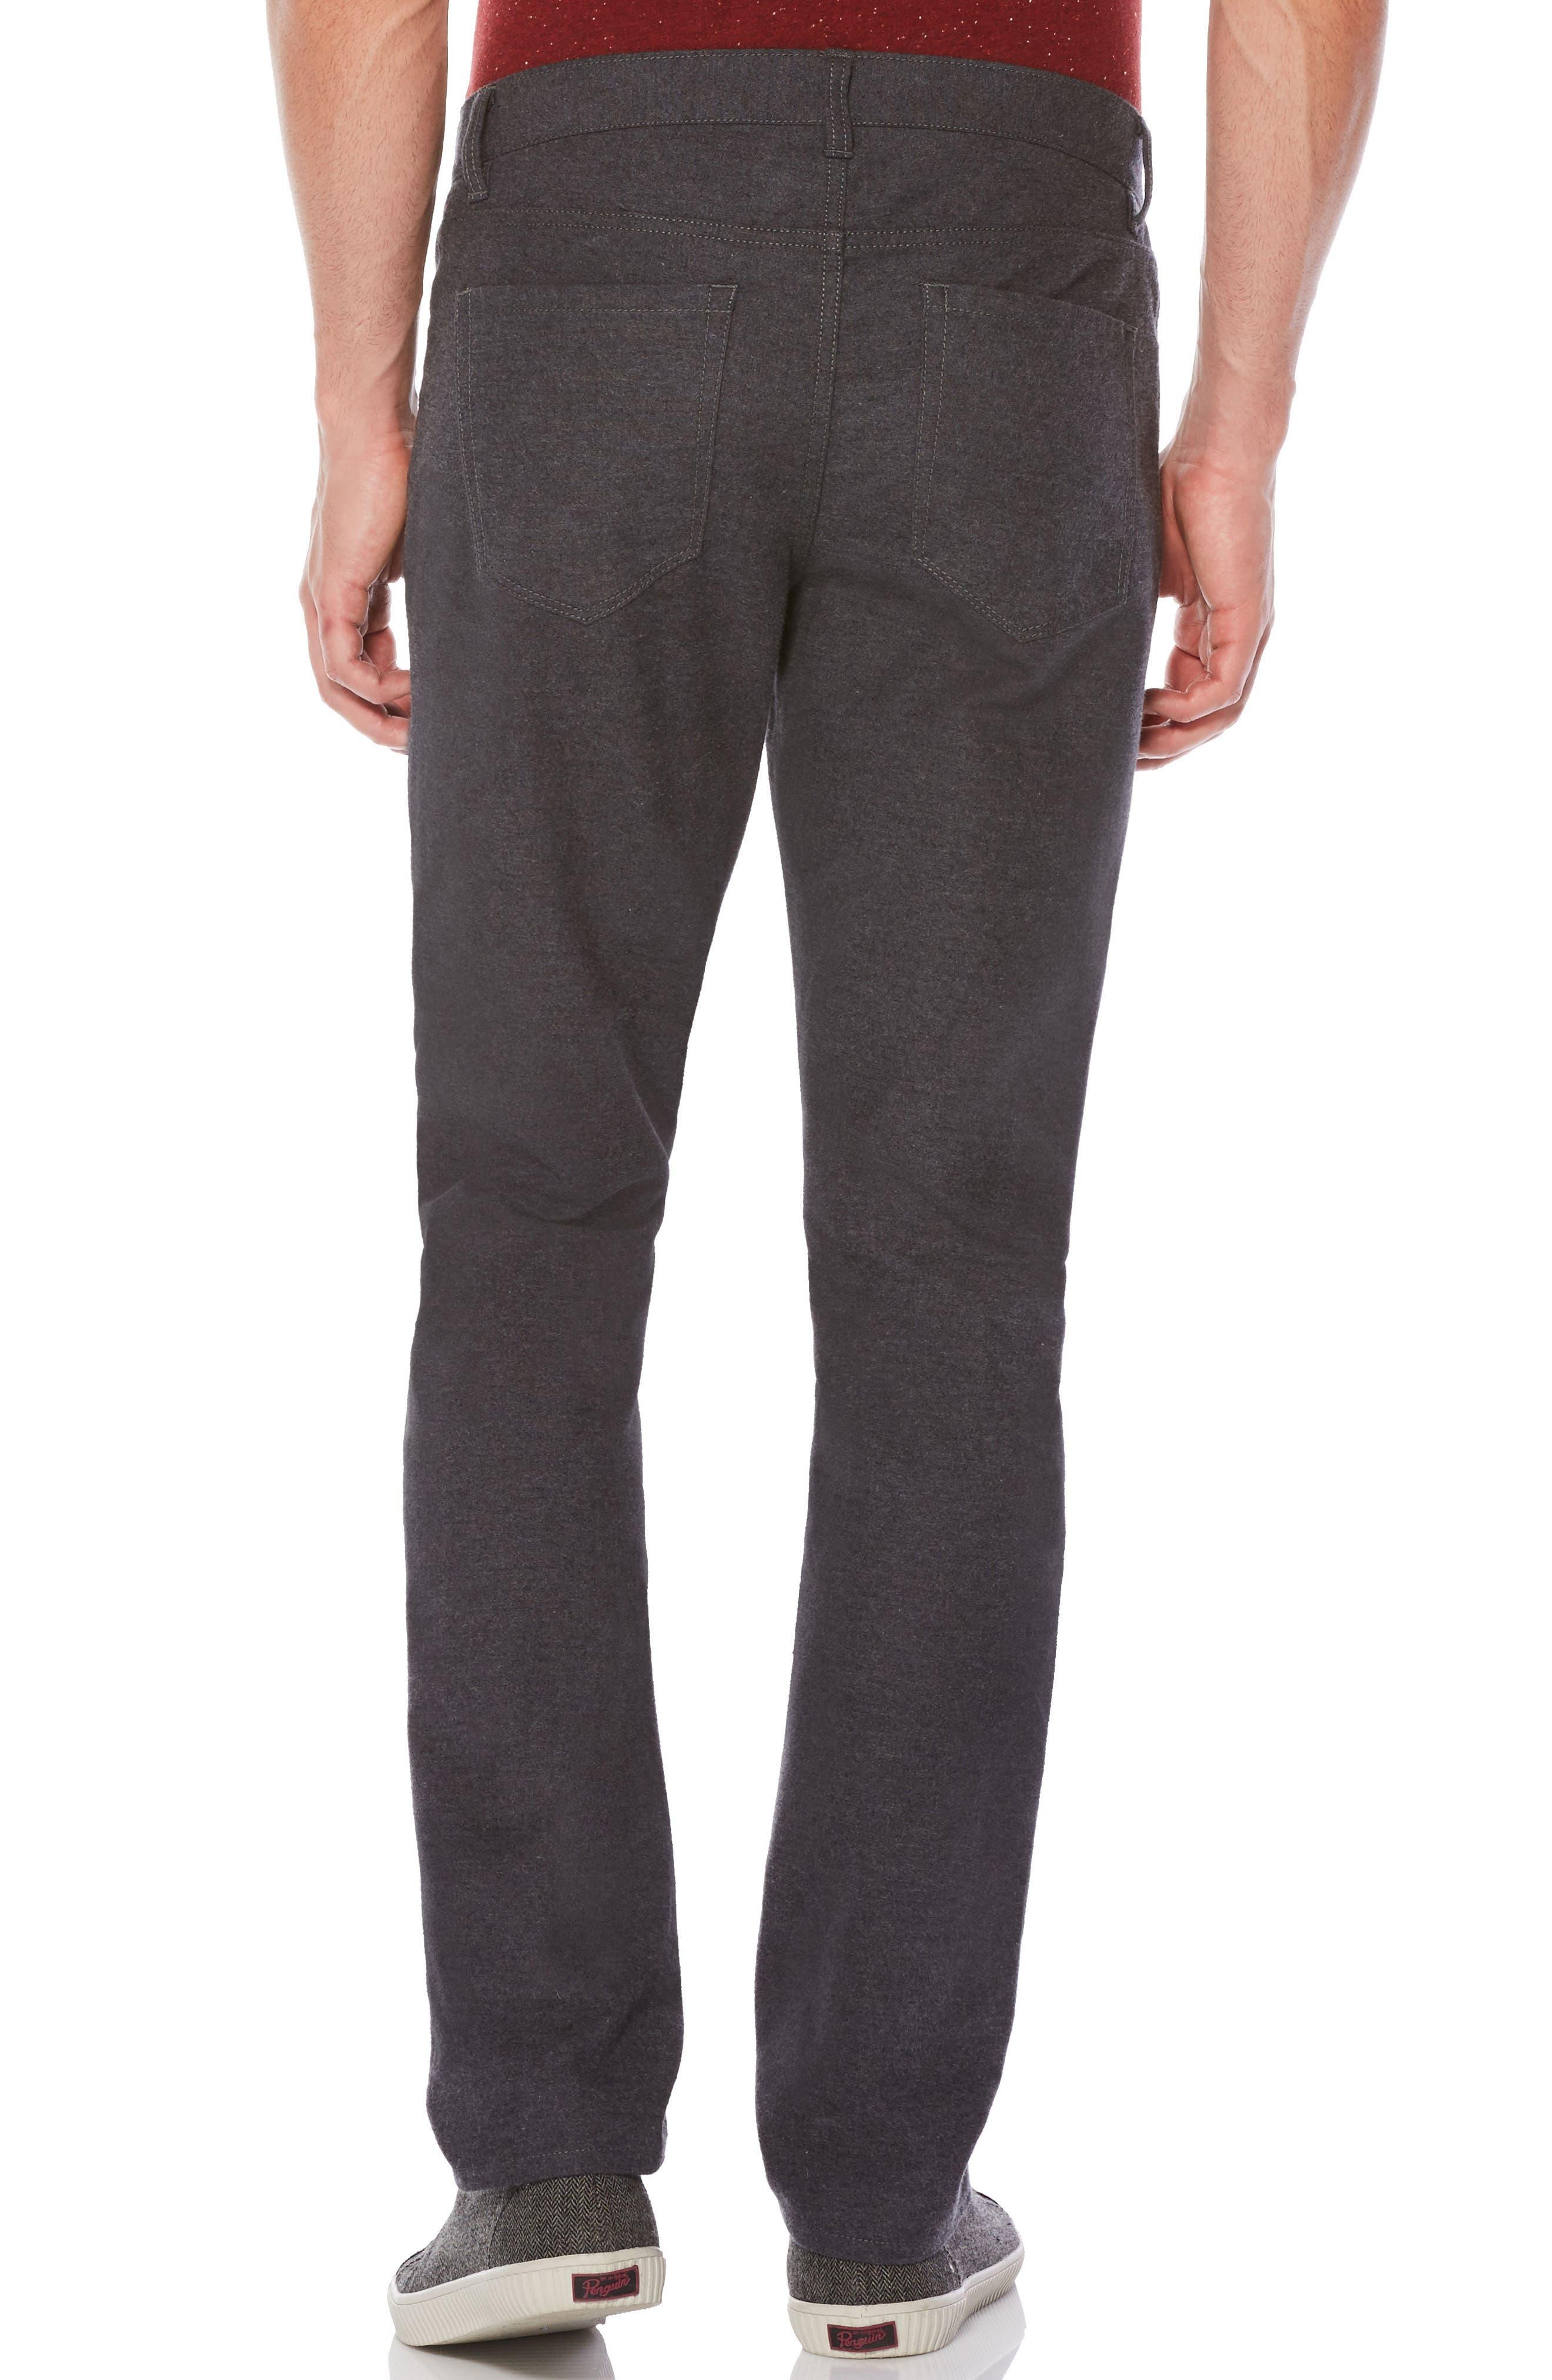 P55 Slim Fit Brushed Cotton Pants,                             Alternate thumbnail 2, color,                             Castlerock